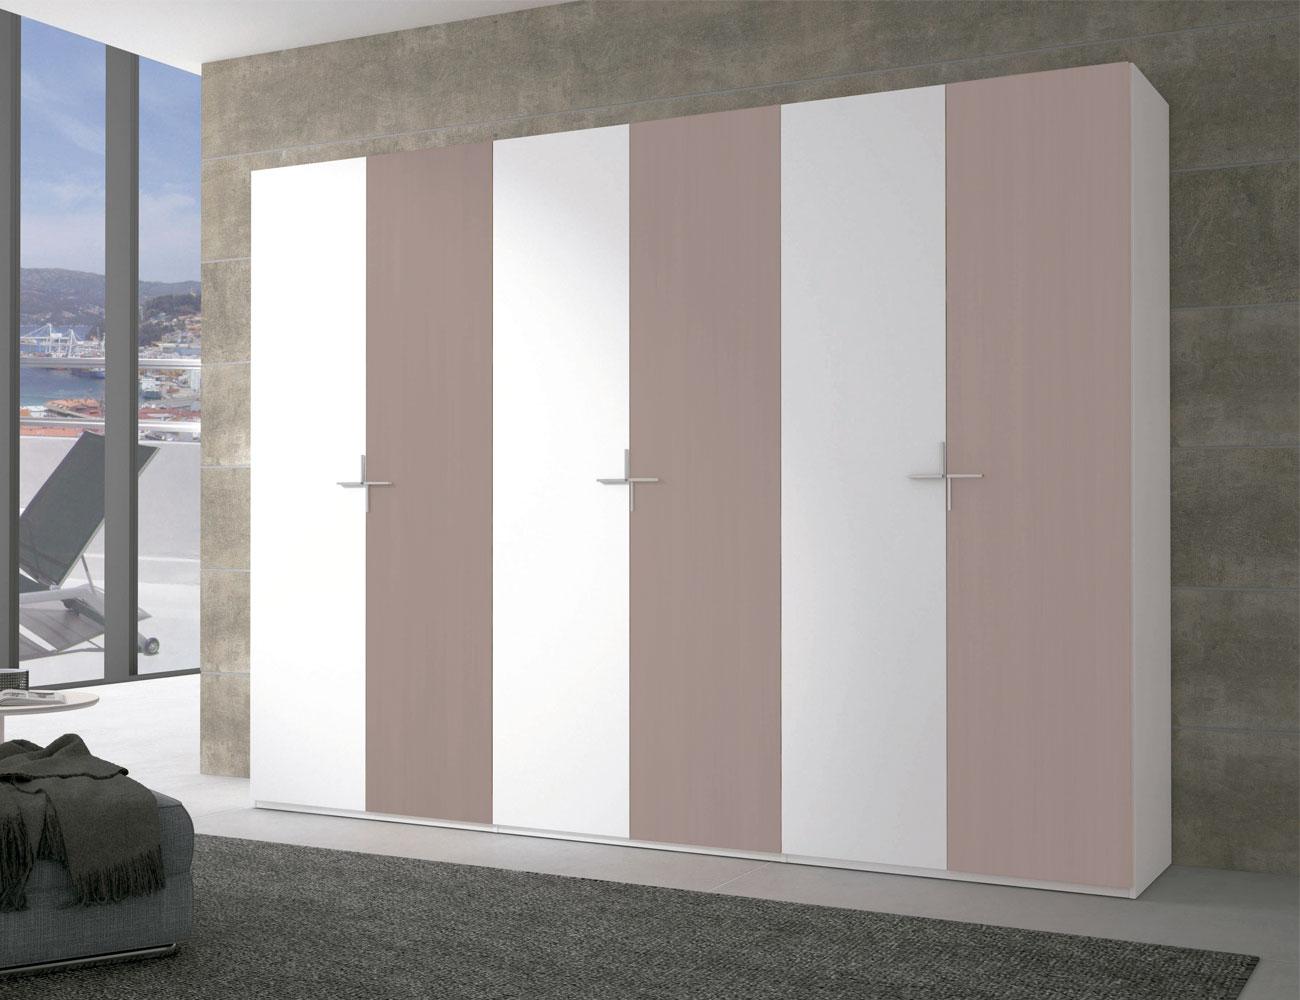 Armario puertas abatibles moka blanco6